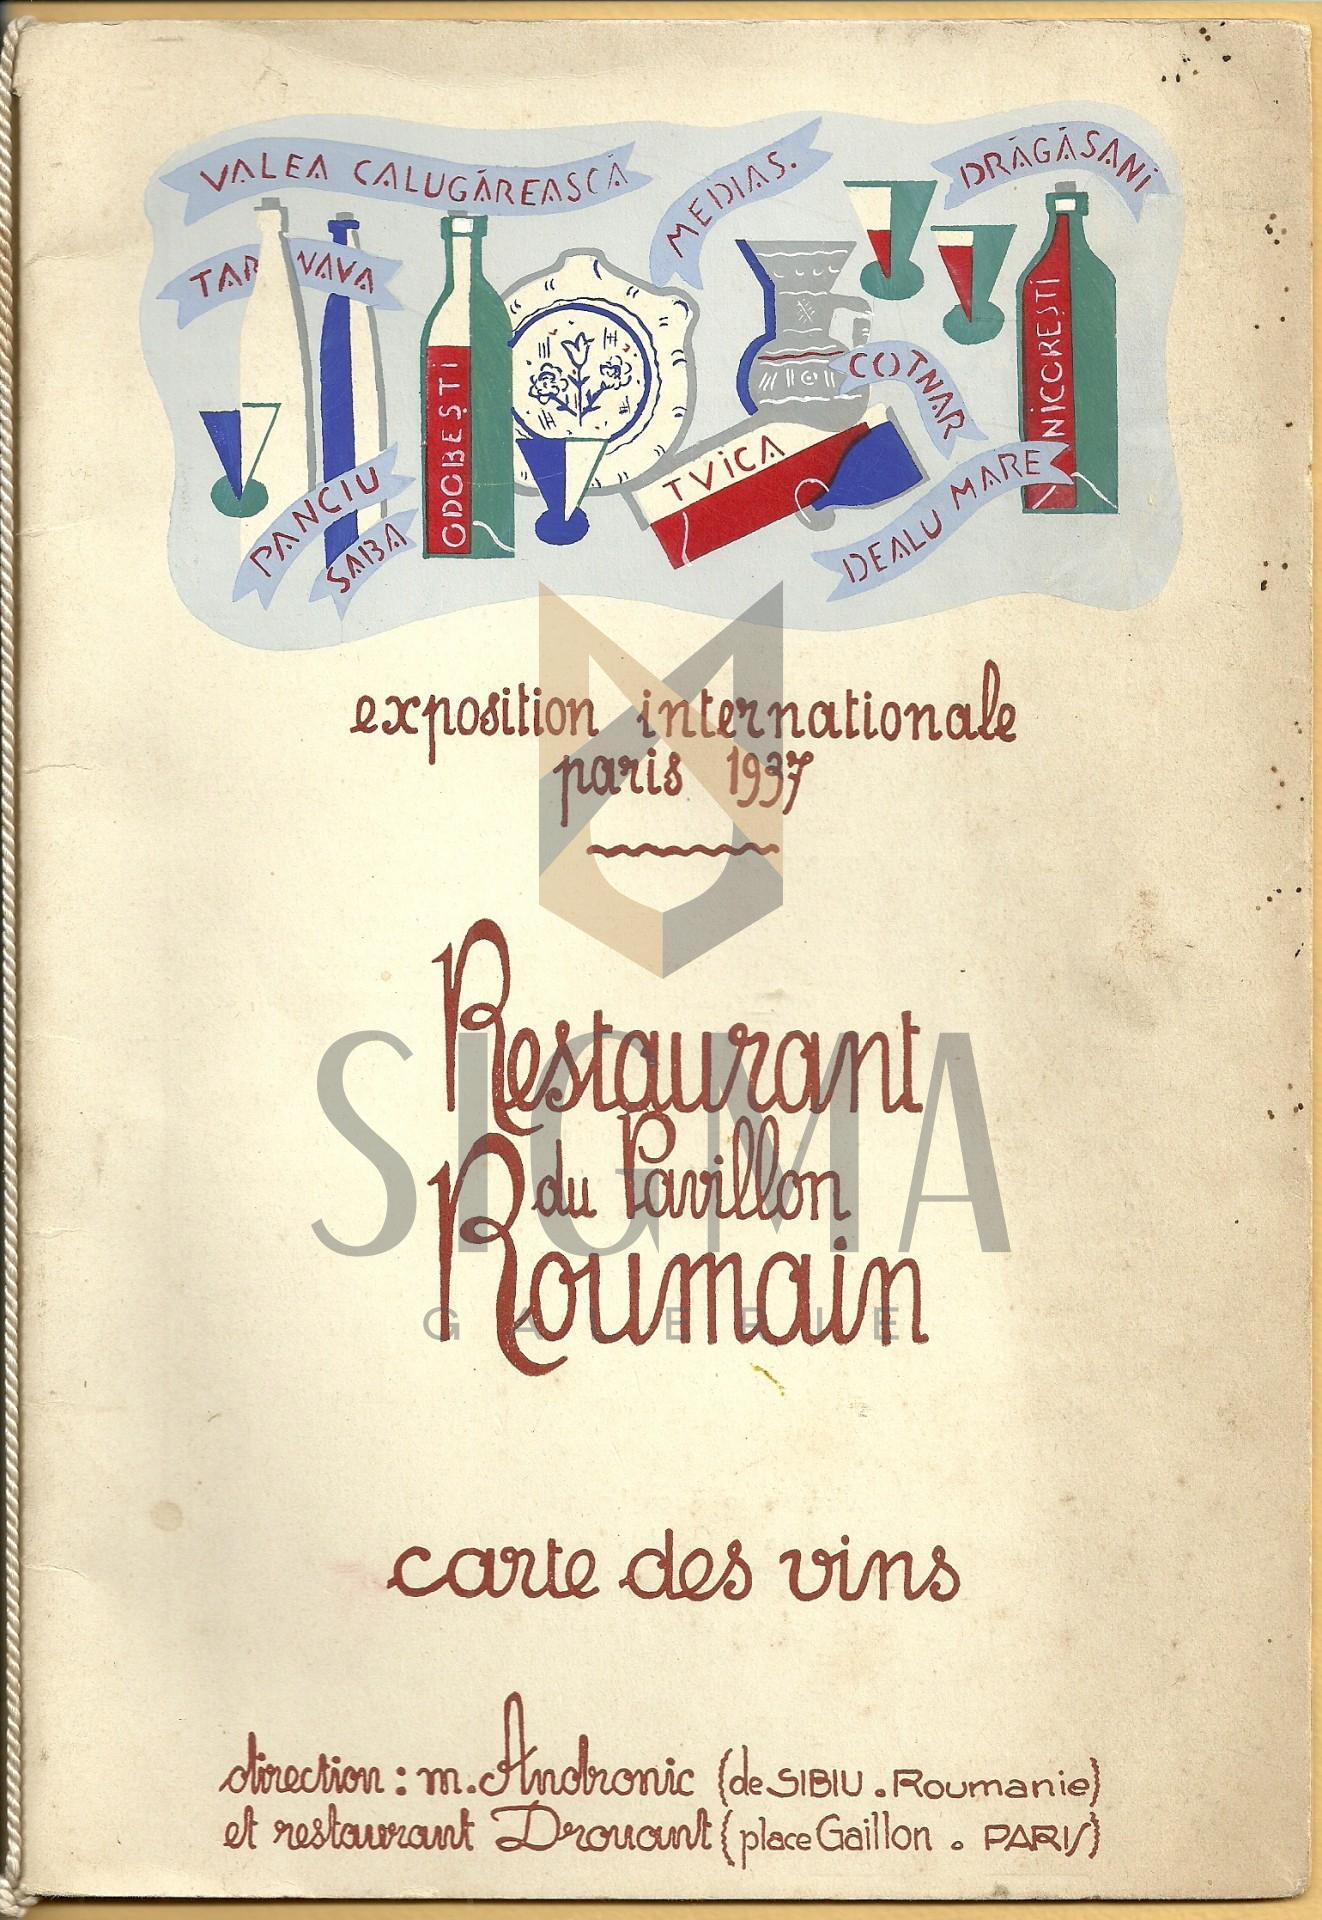 MENIU, CARTEA DE VINURI, ROMANIA - EXPOZITIA INTERNATIONALA -1937, RESTAURANT PAVILIONUL ROMANIEI ( desene de Lena Constante )